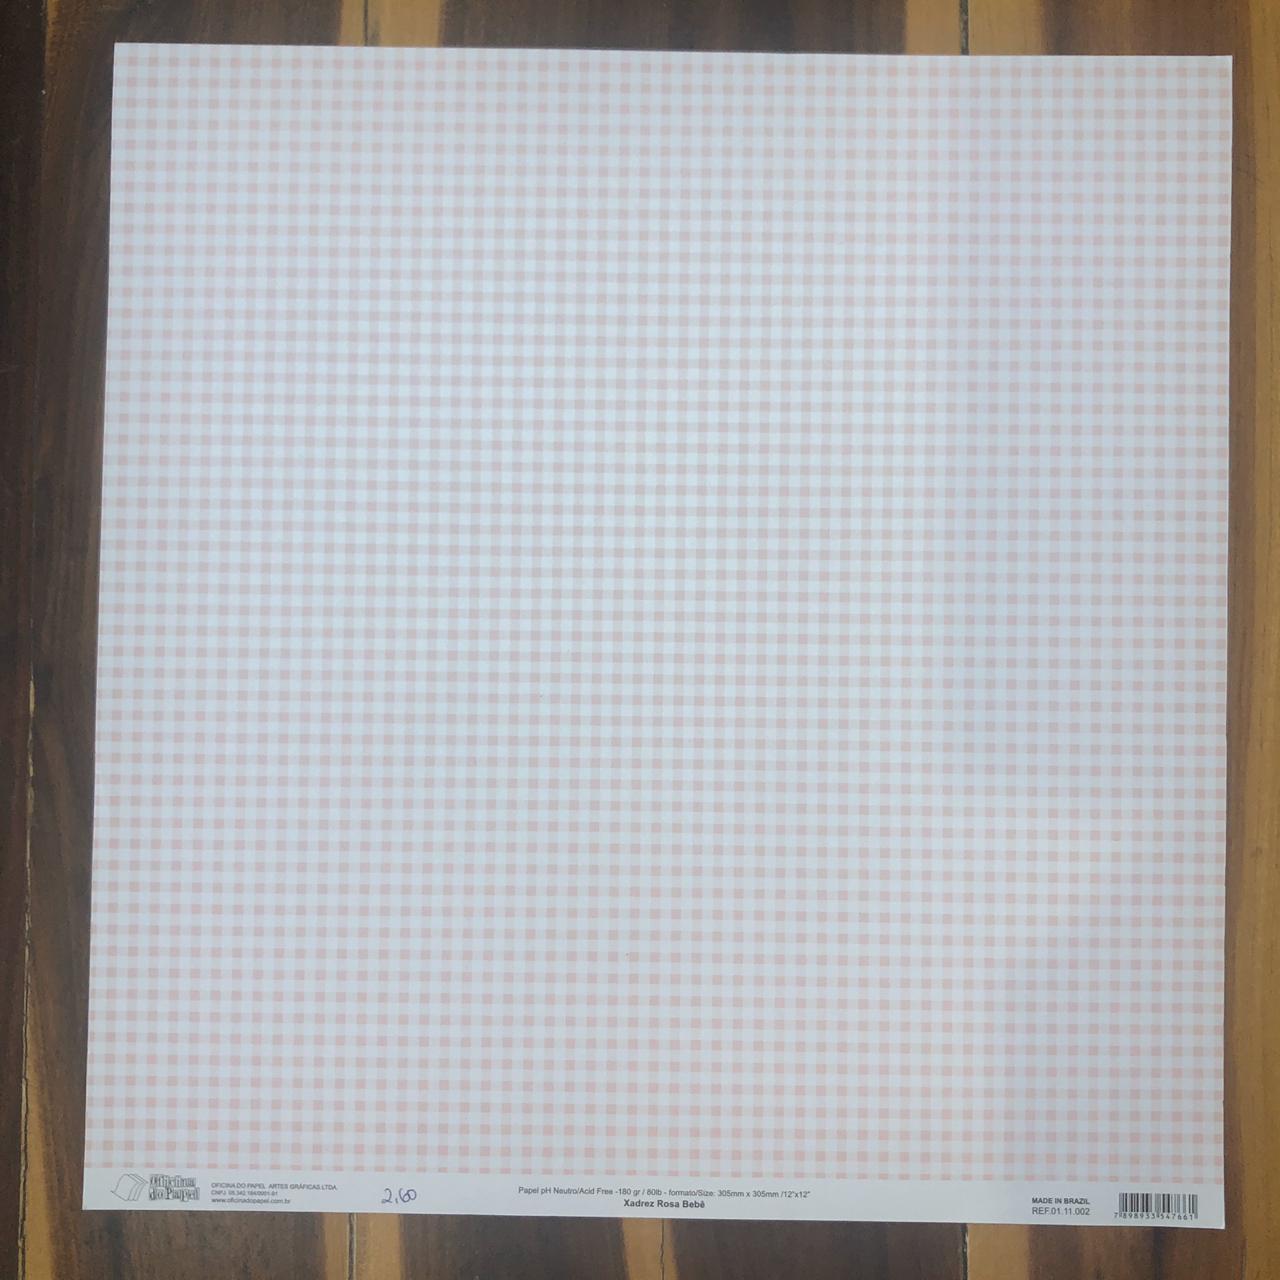 01.11.002 - Papel Scrap - Xadrez Rosa Bebê - Oficina do Papel